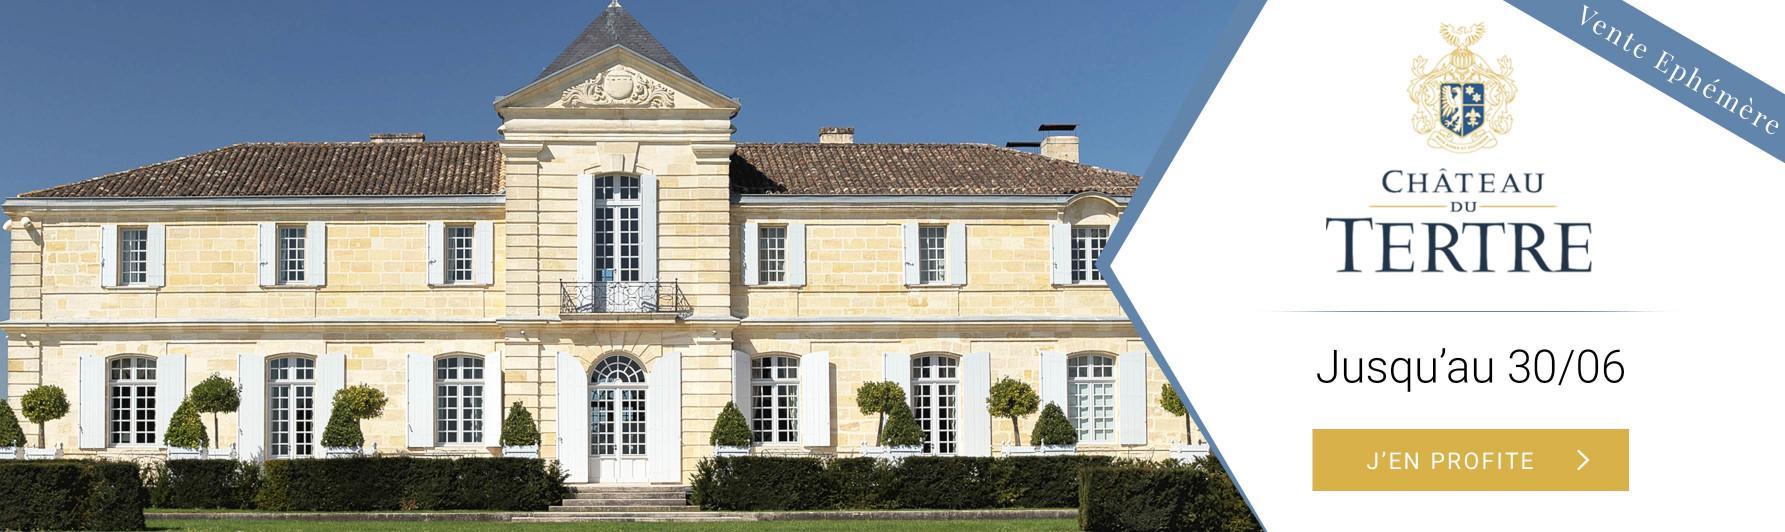 Vente Éphémère du Château du Tertre